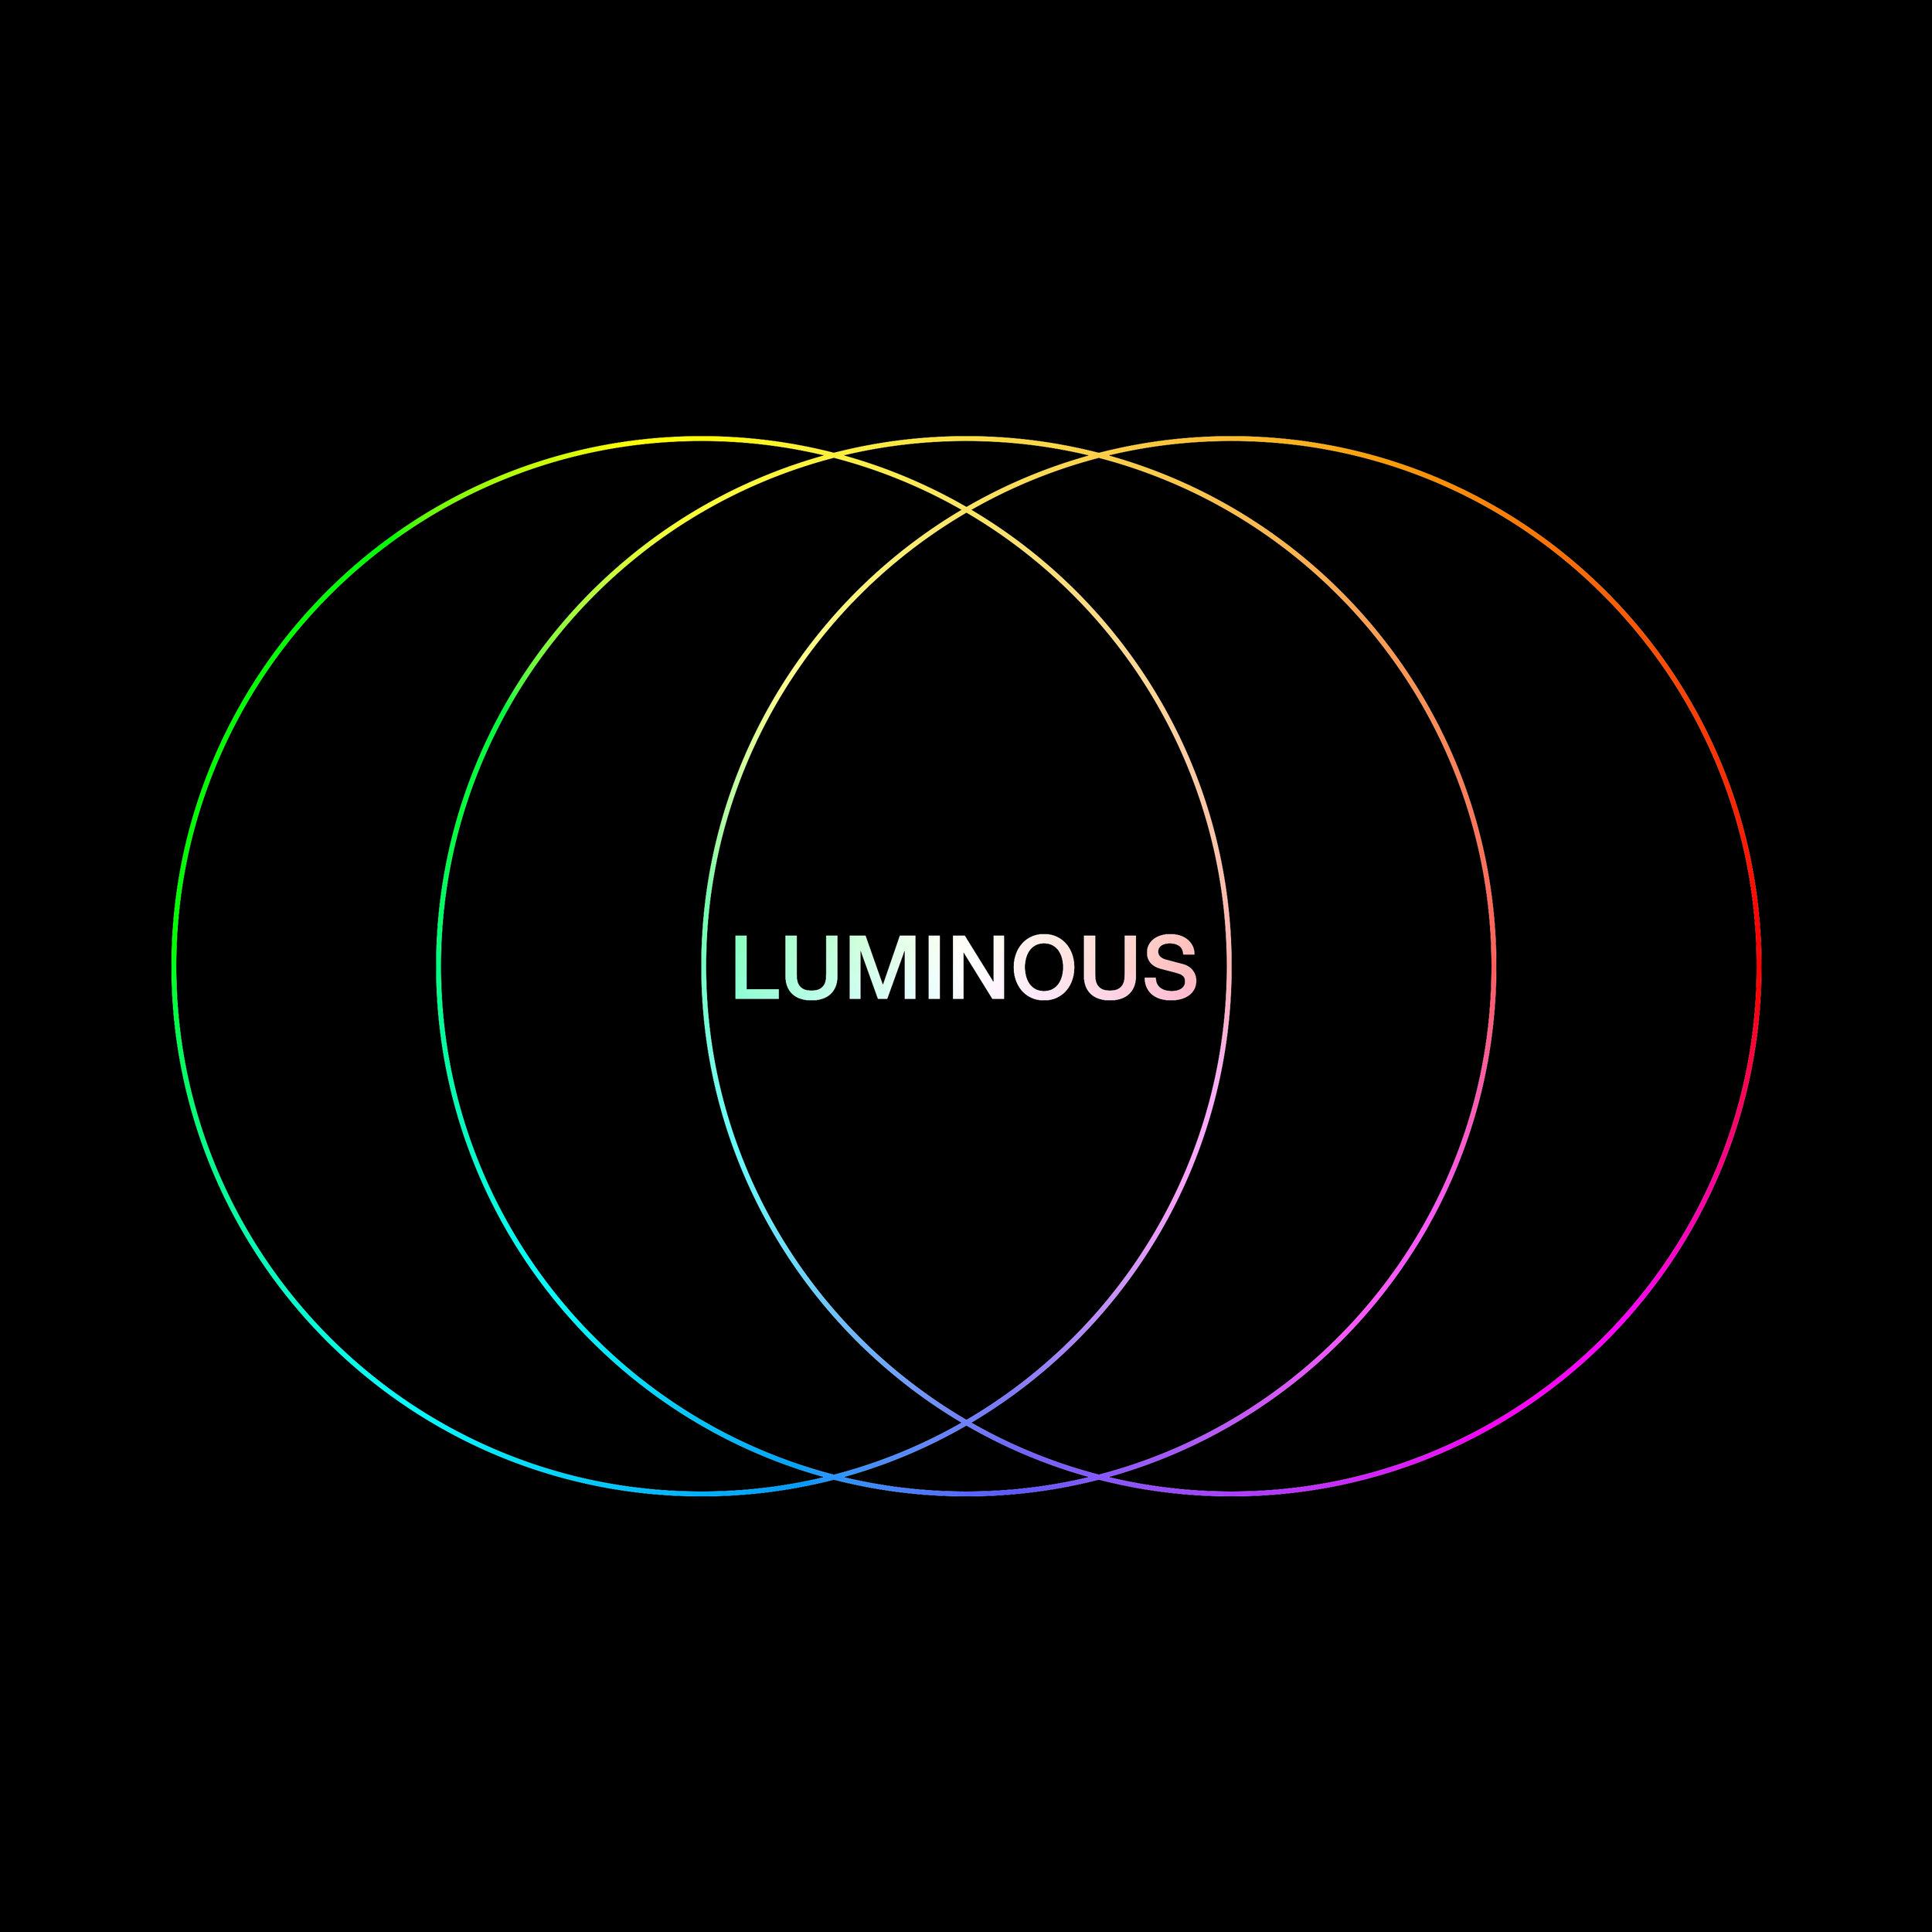 LUMINOUS_LOGO.jpg